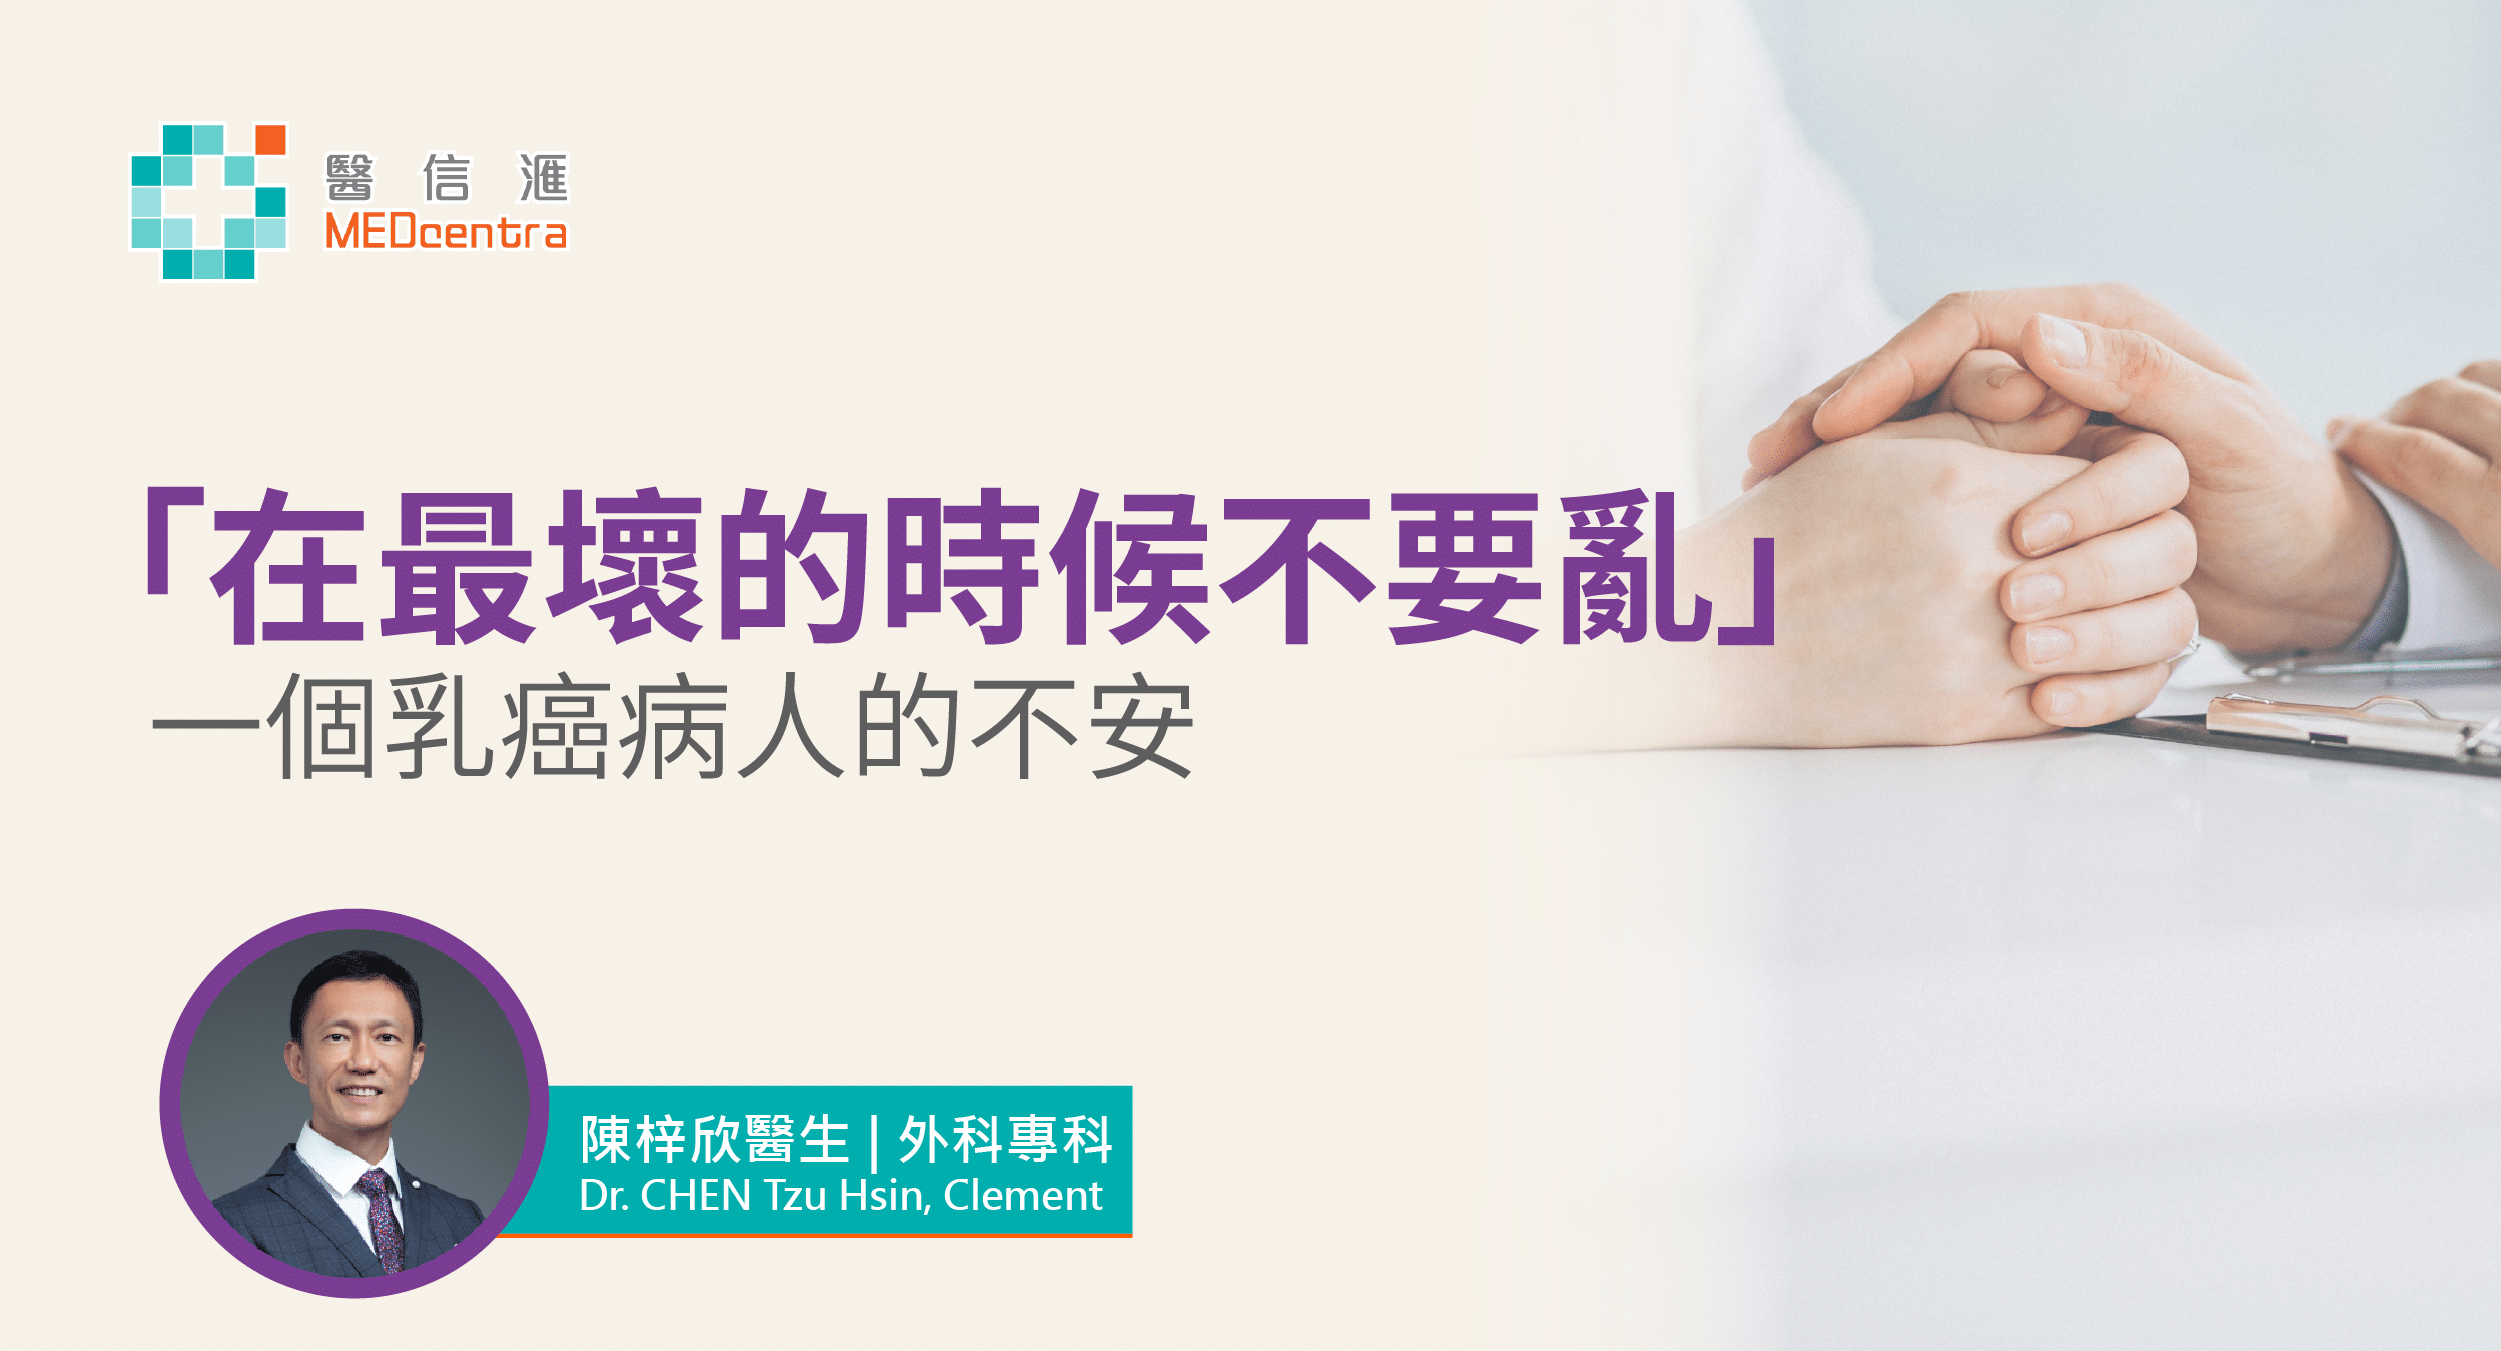 一個乳癌病人的不安 陳梓欣醫生